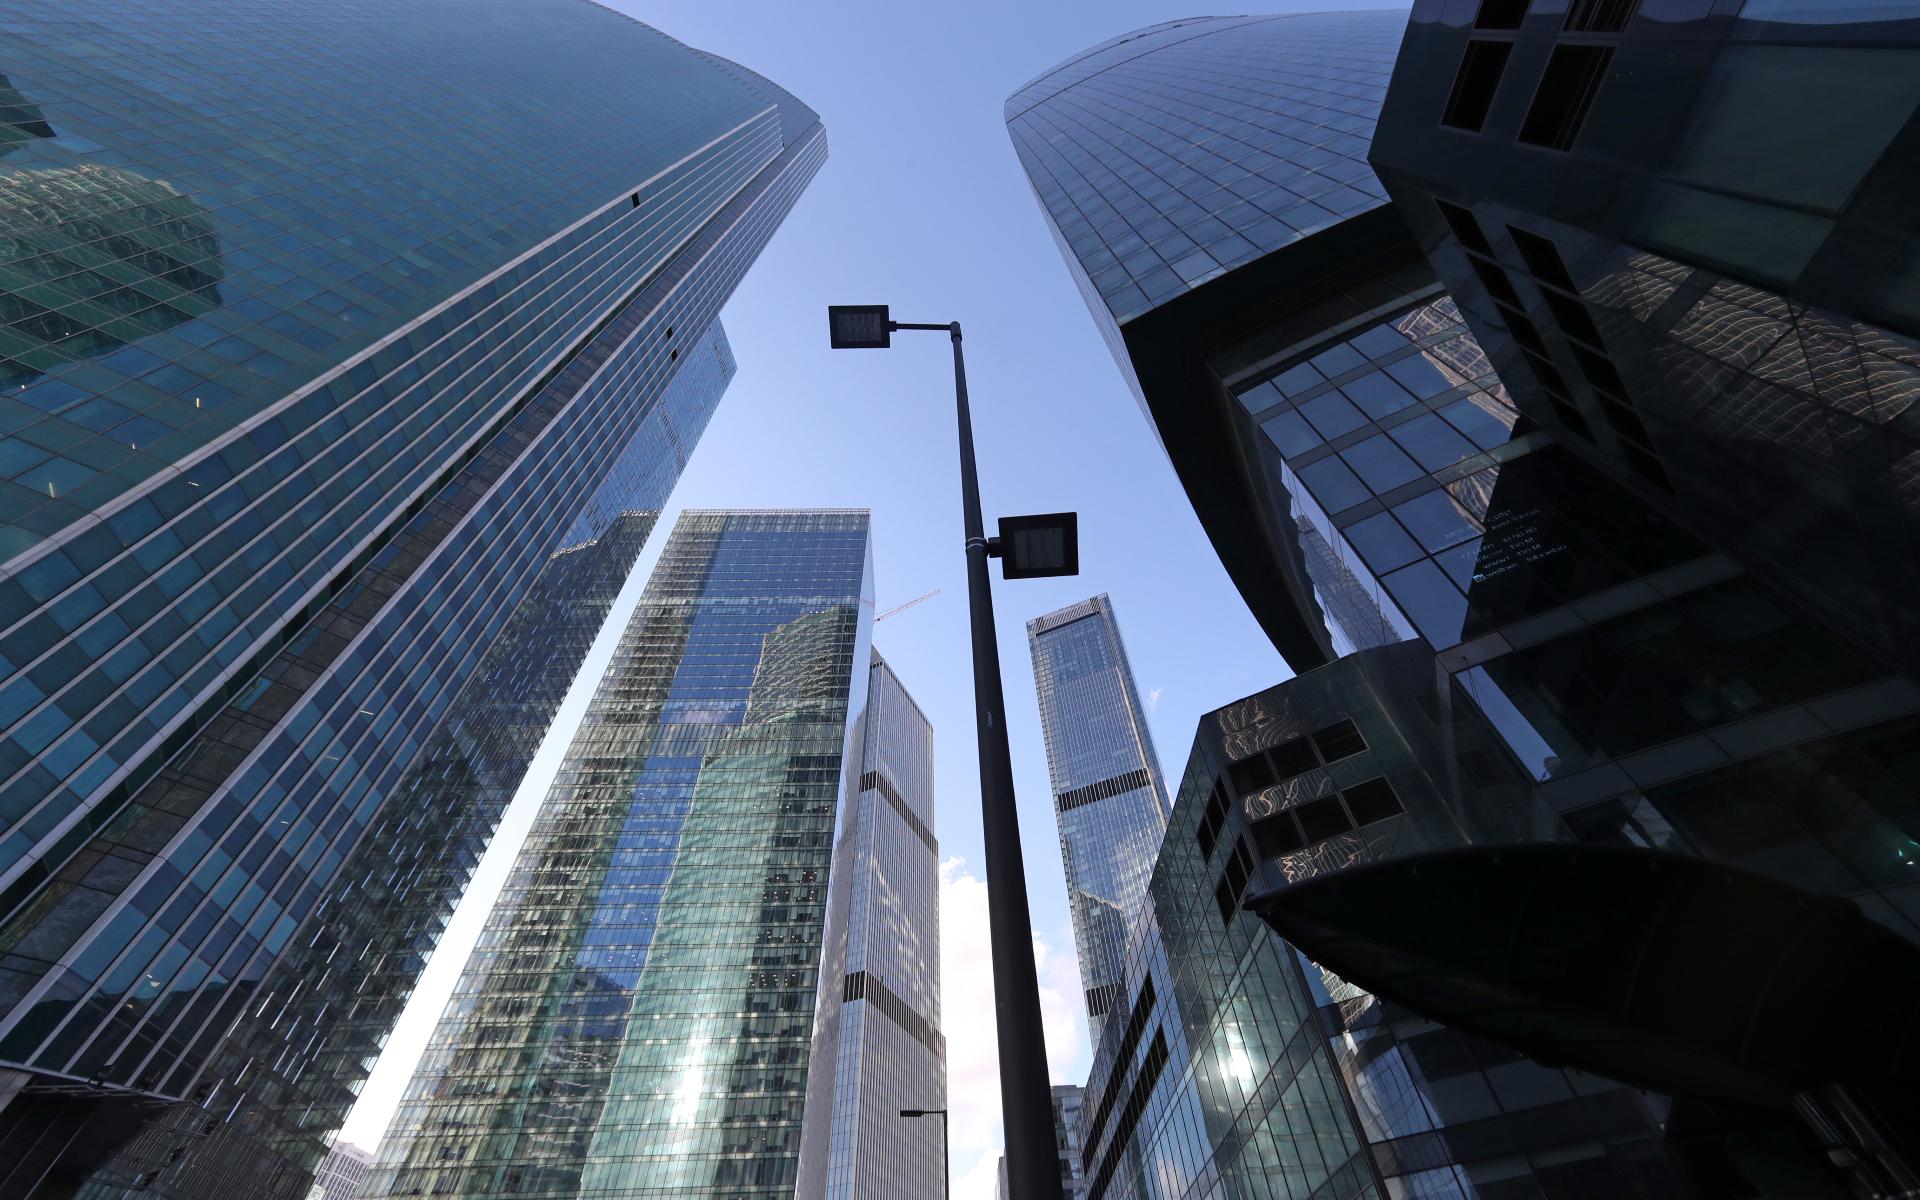 За год в рейтинге подорожания жилья Москва поднялась на 87 позиций